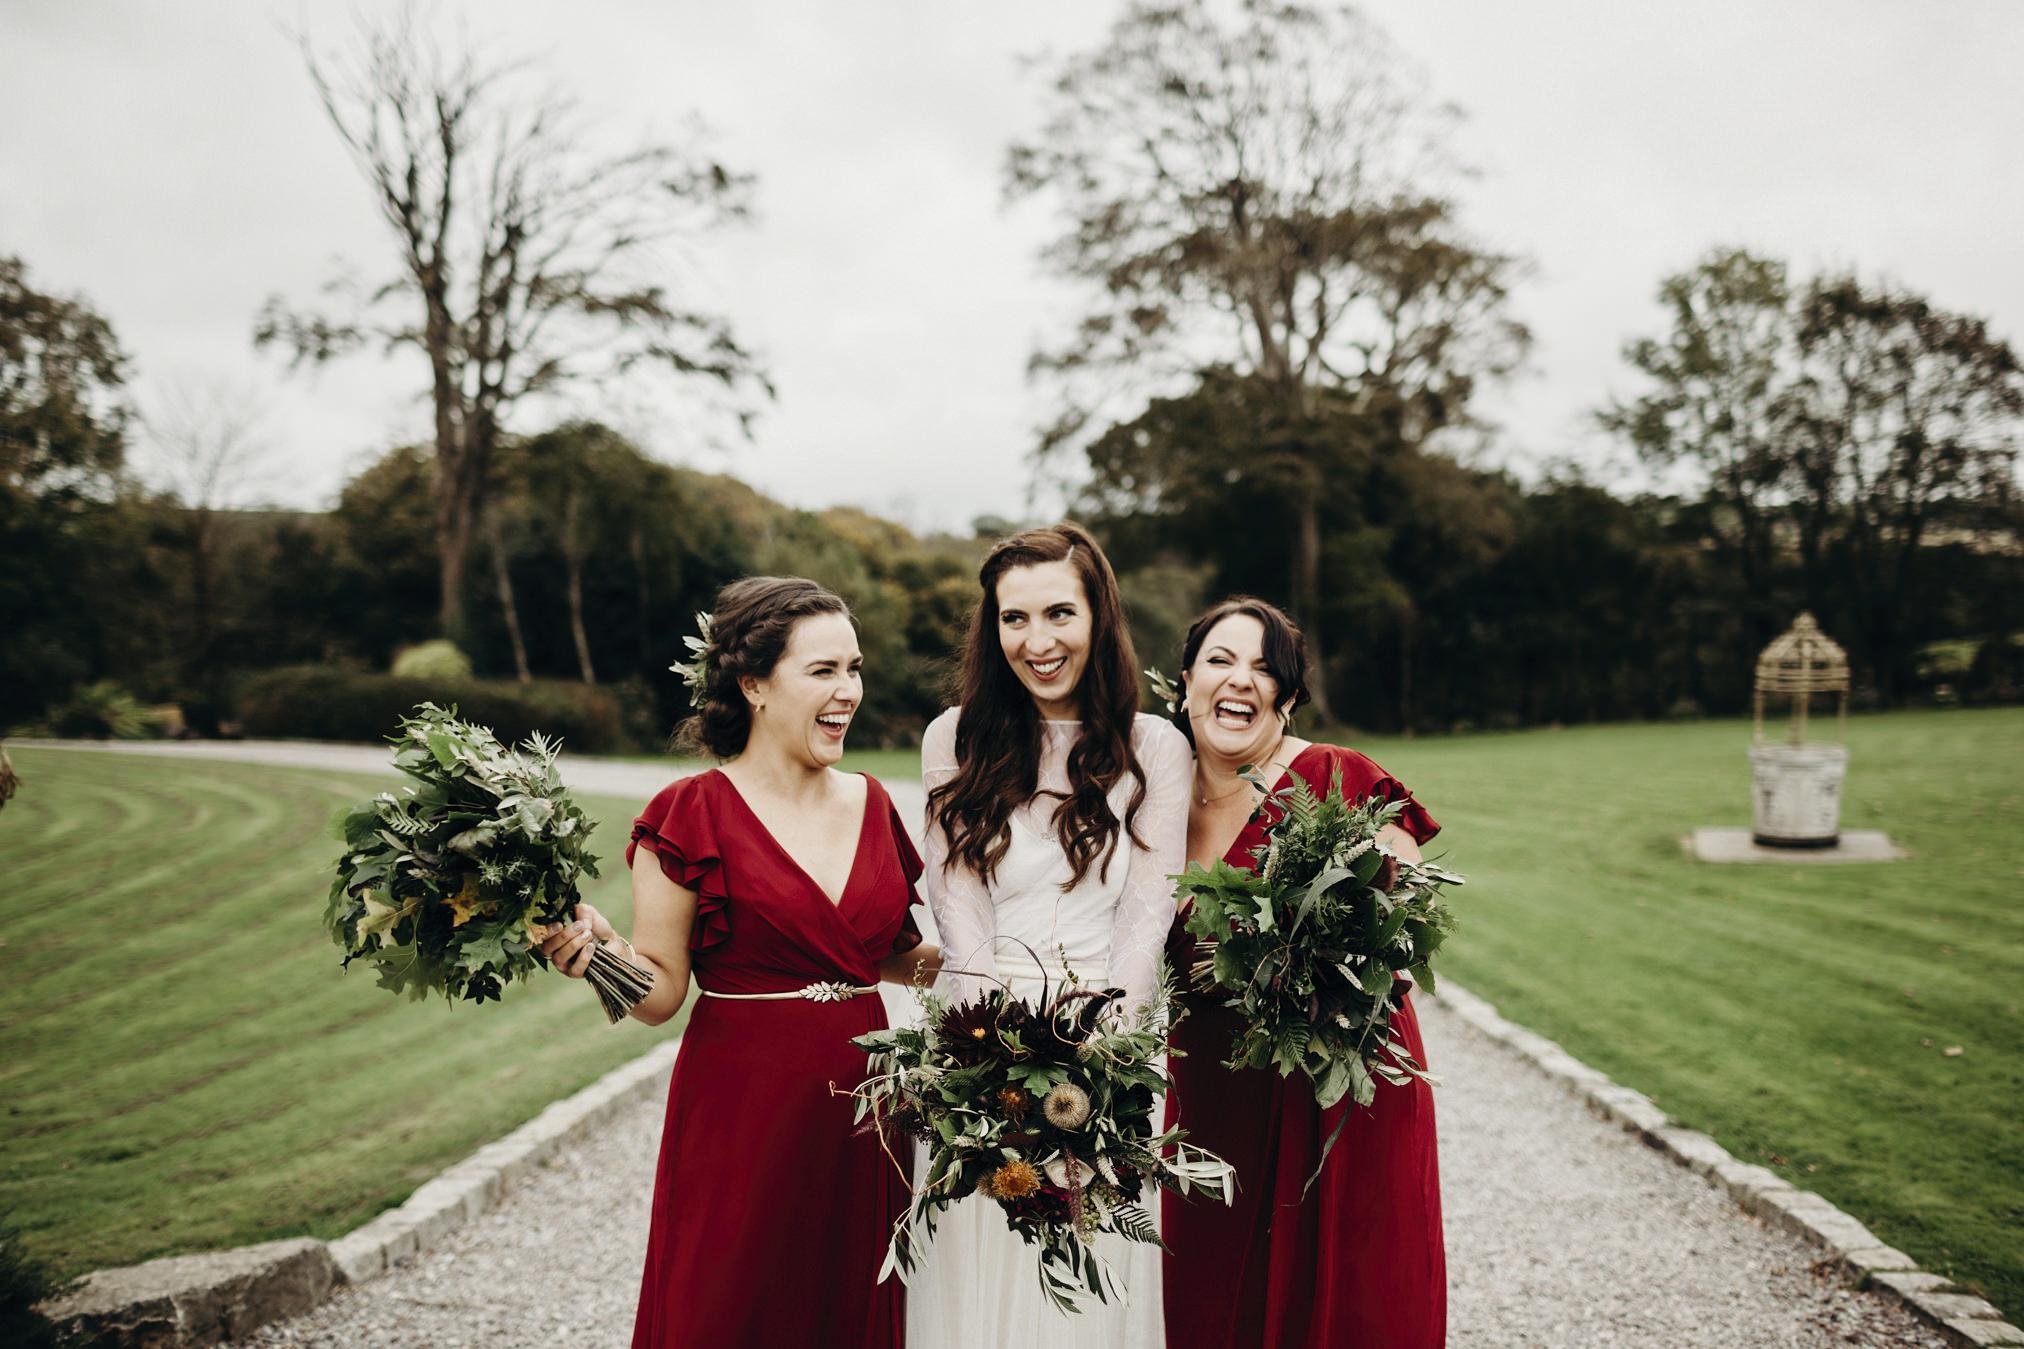 wedding photographer irelandGraciela Vilagudin Photography625.jpg